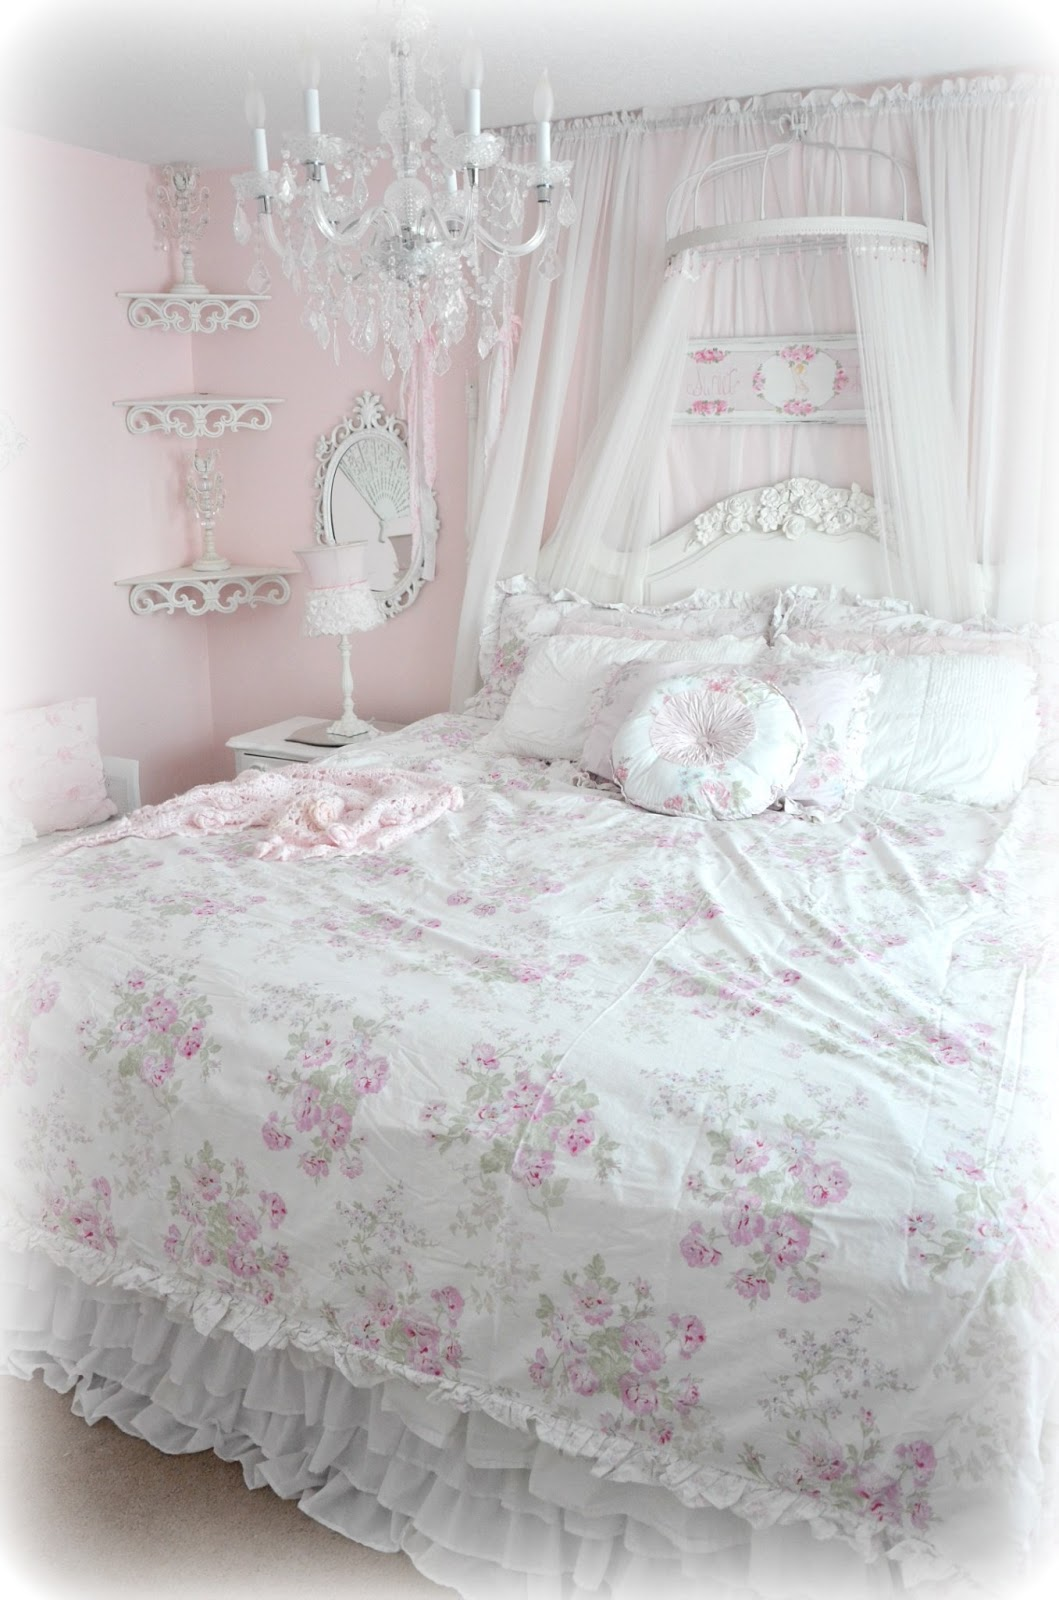 Not So Shabby - Shabby Chic: New Simply Shabby Chic Bedding